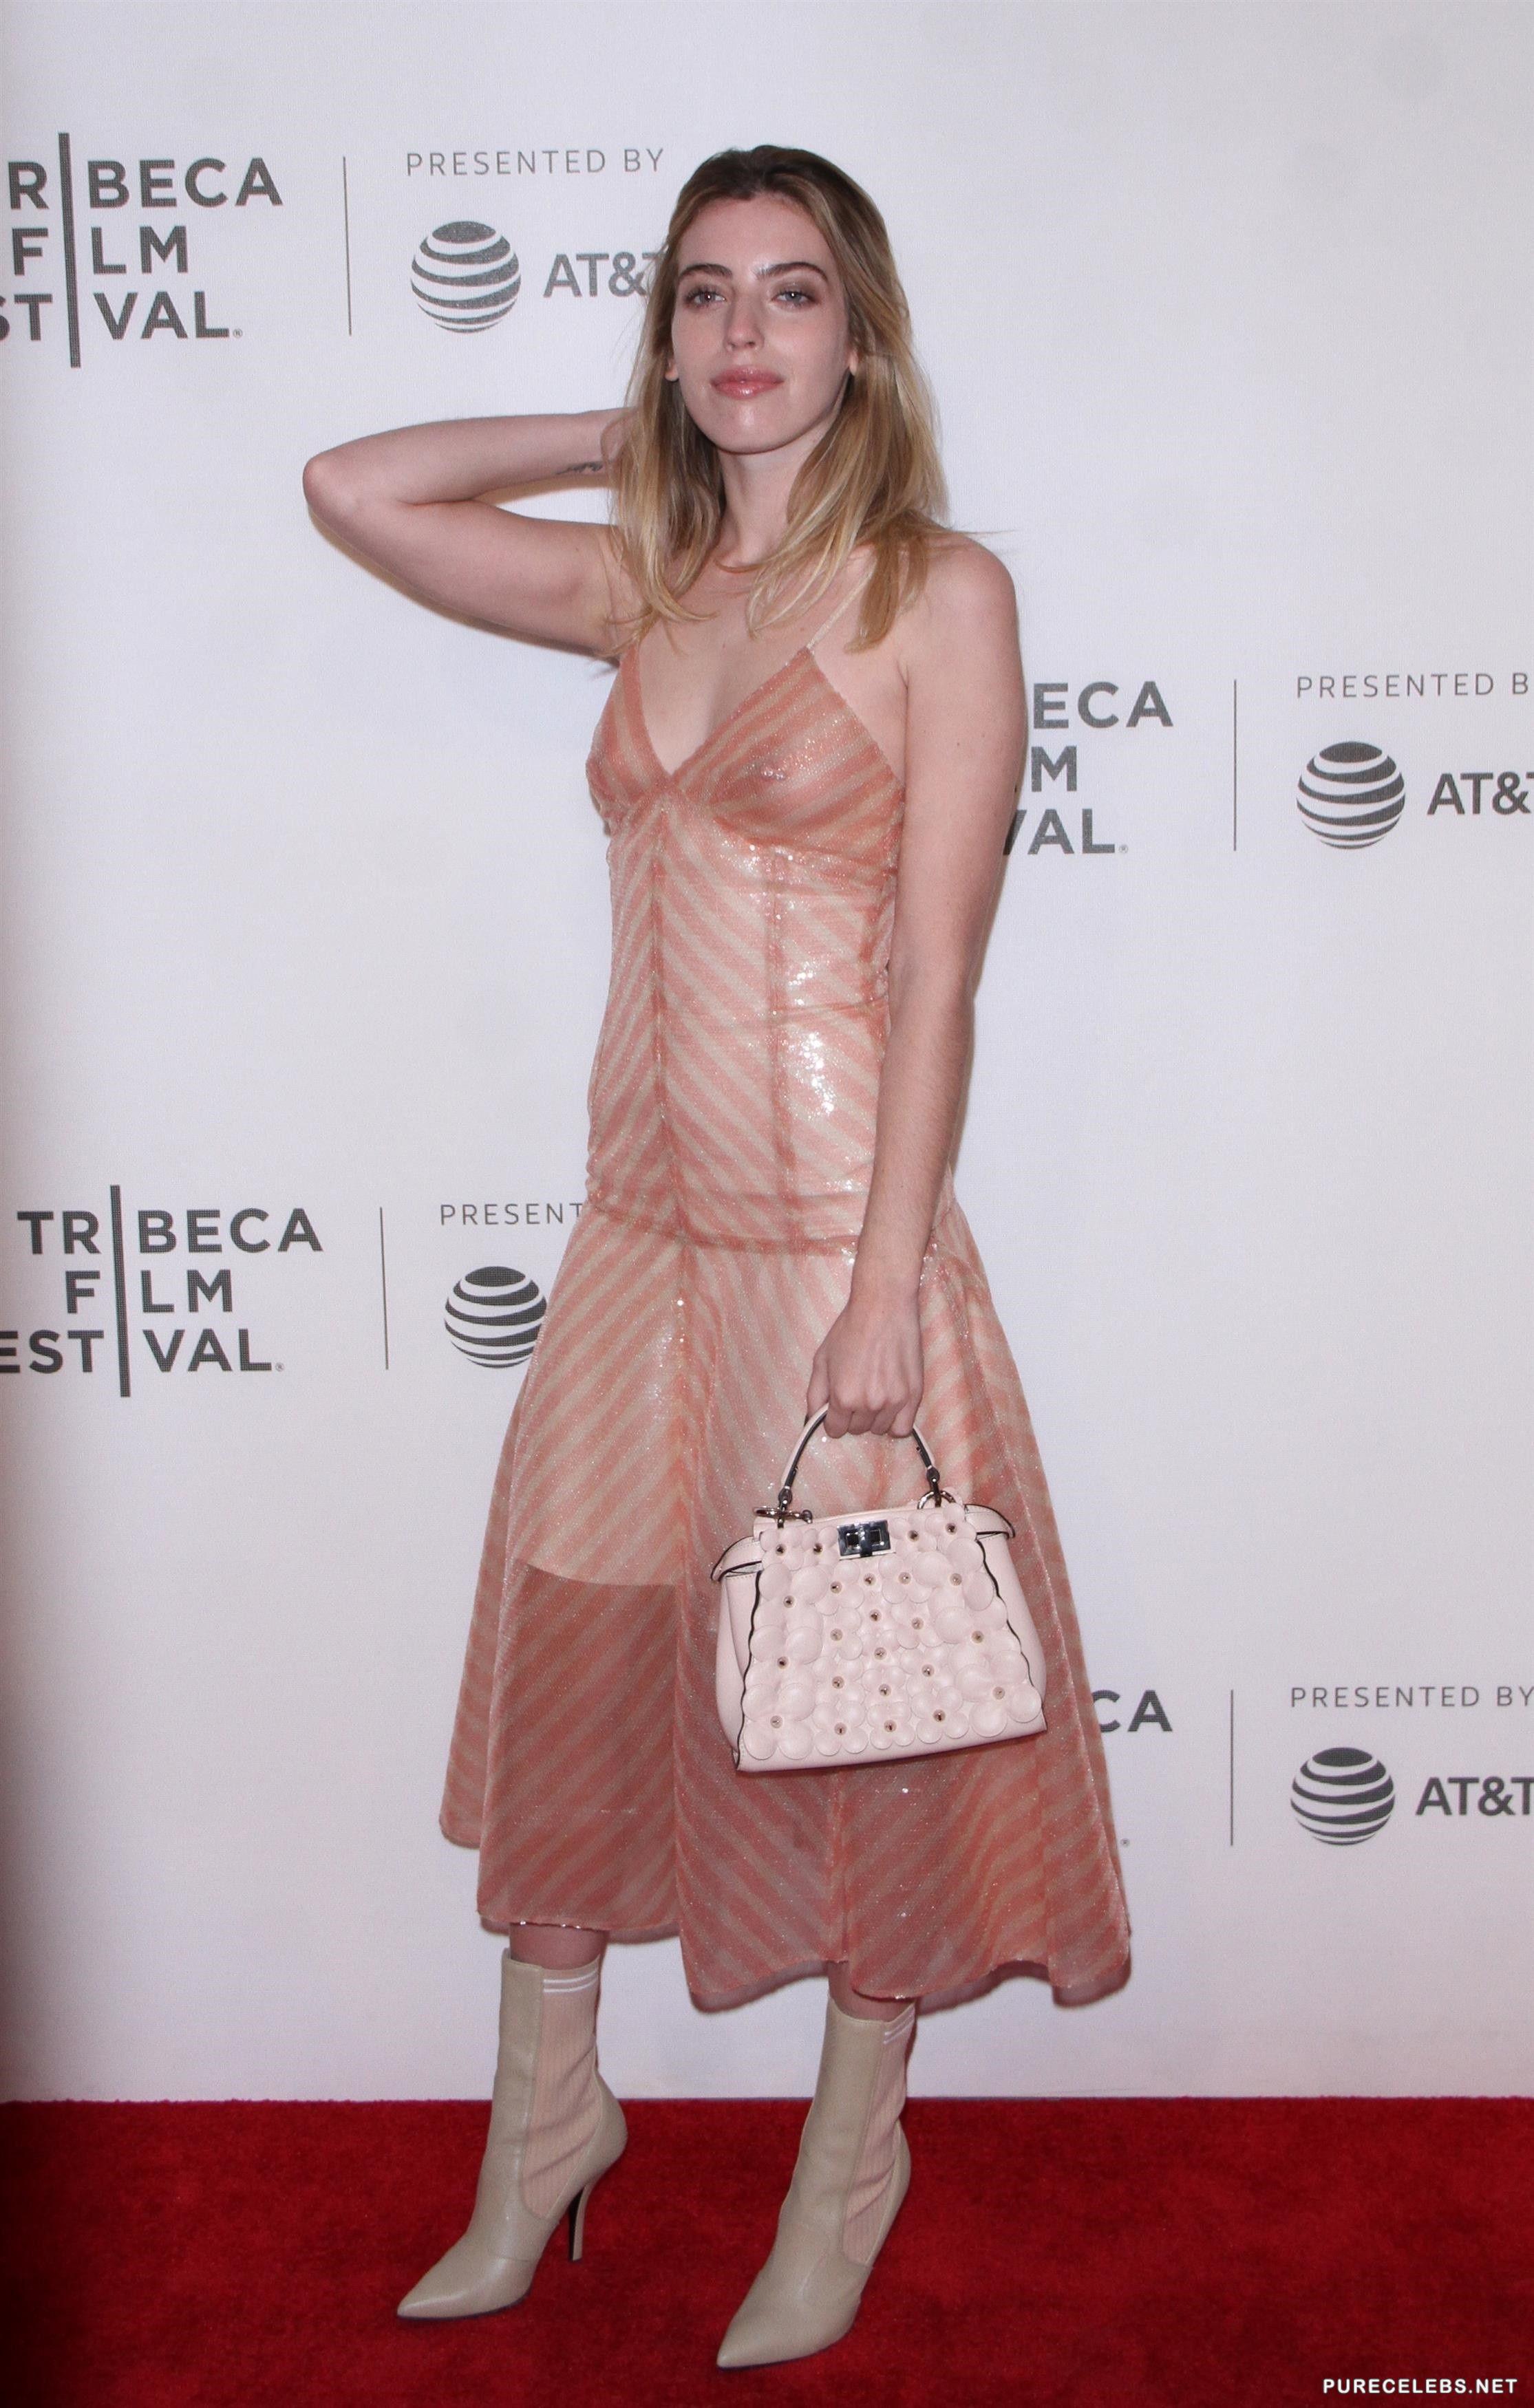 Clara McGregor Nude And See Through Photos - NuCelebs.com